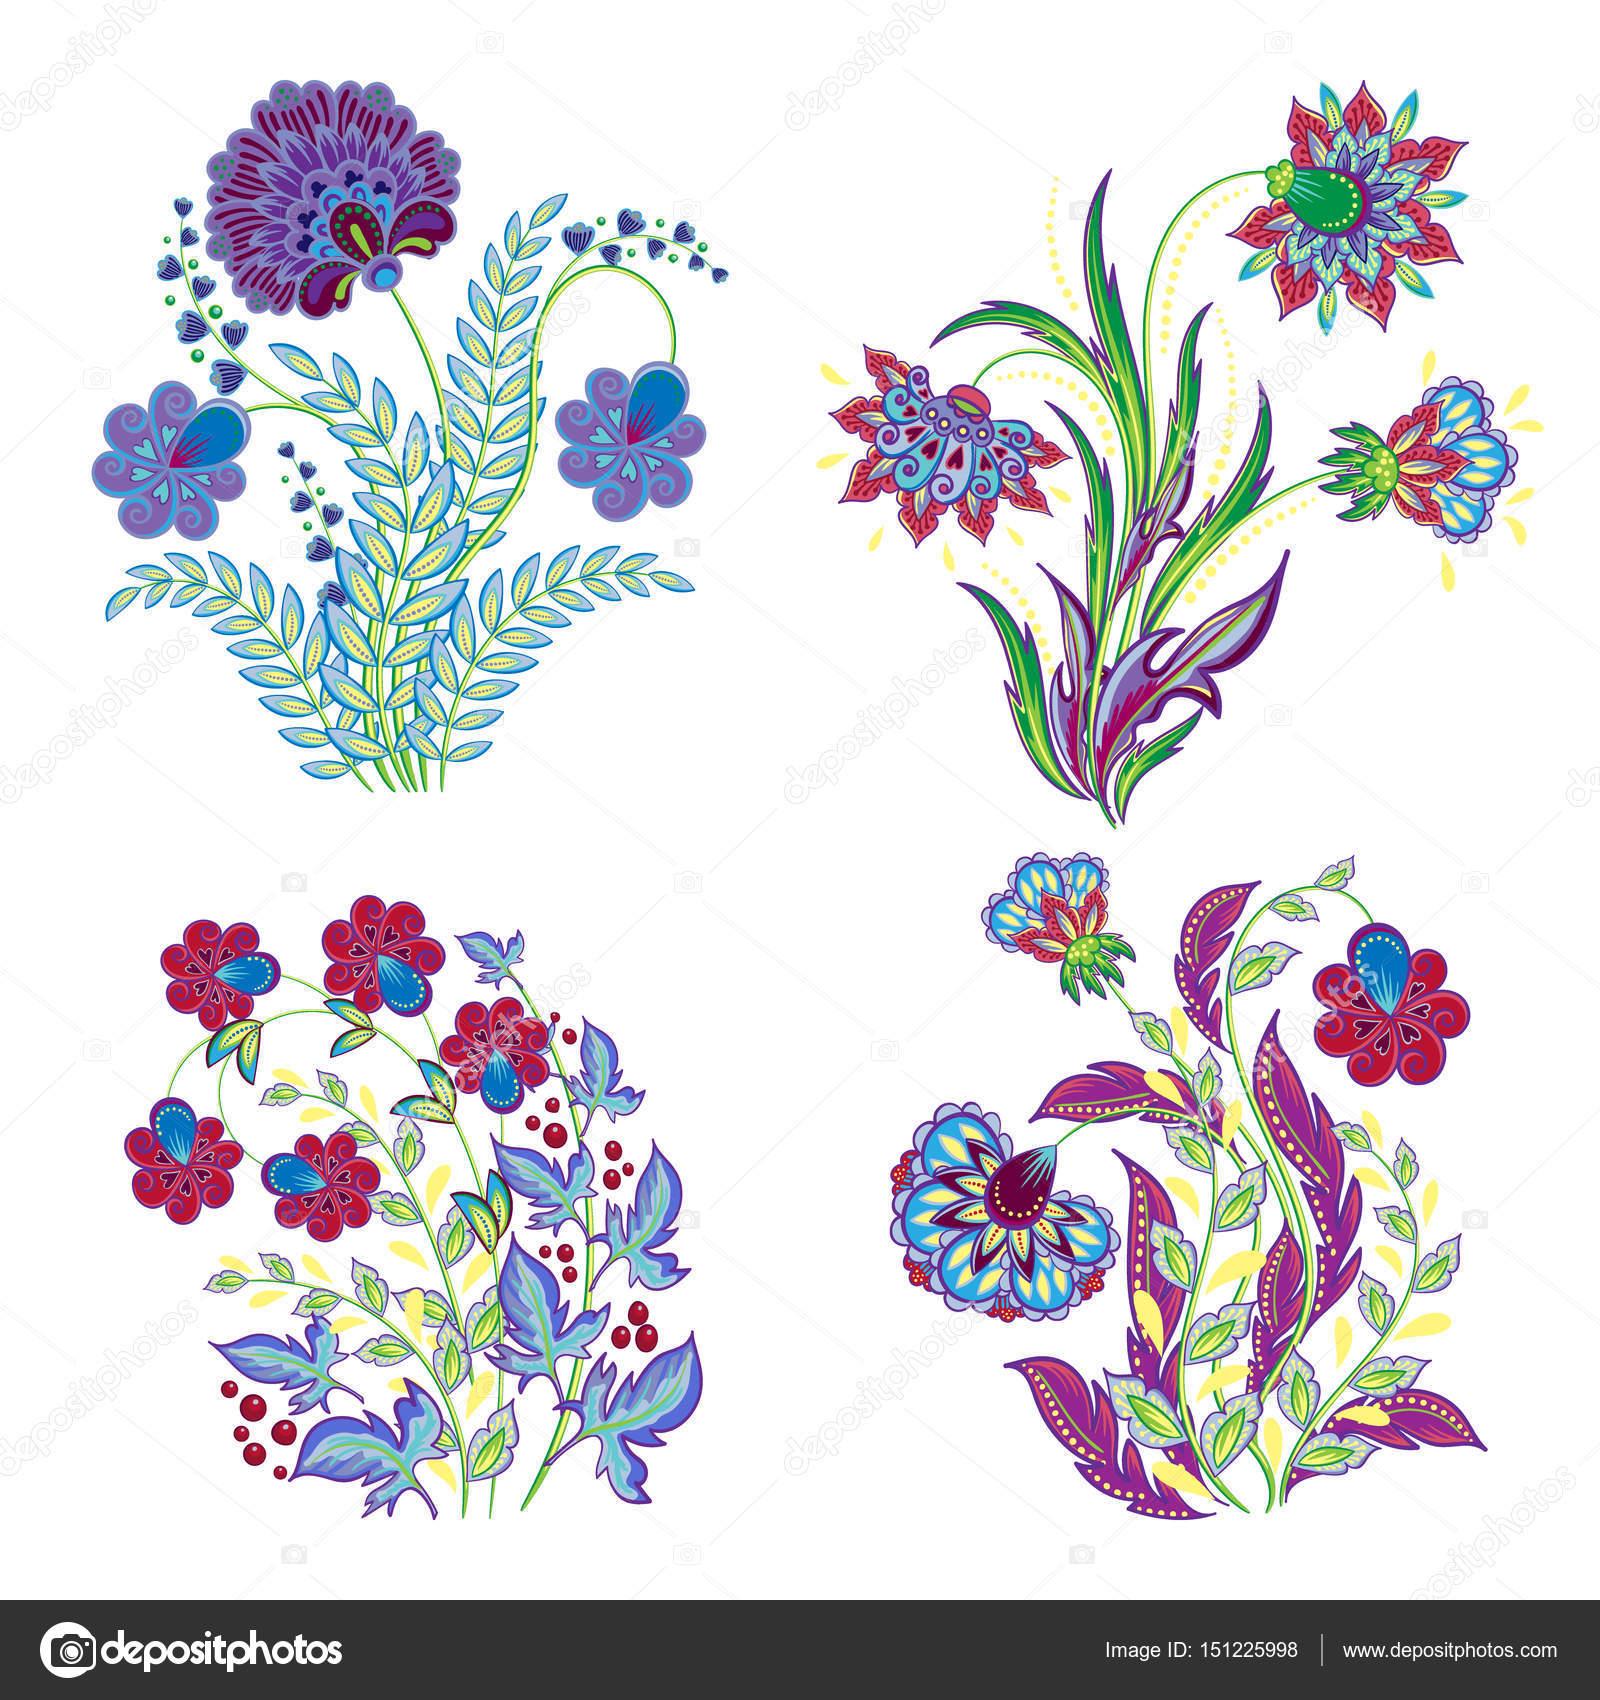 afdc4f7db3591 Vintage costura flores de fantasía bordado sobre fondo blanco. Elementos  decorativos aislados floral bordado hermoso — Vector de ...